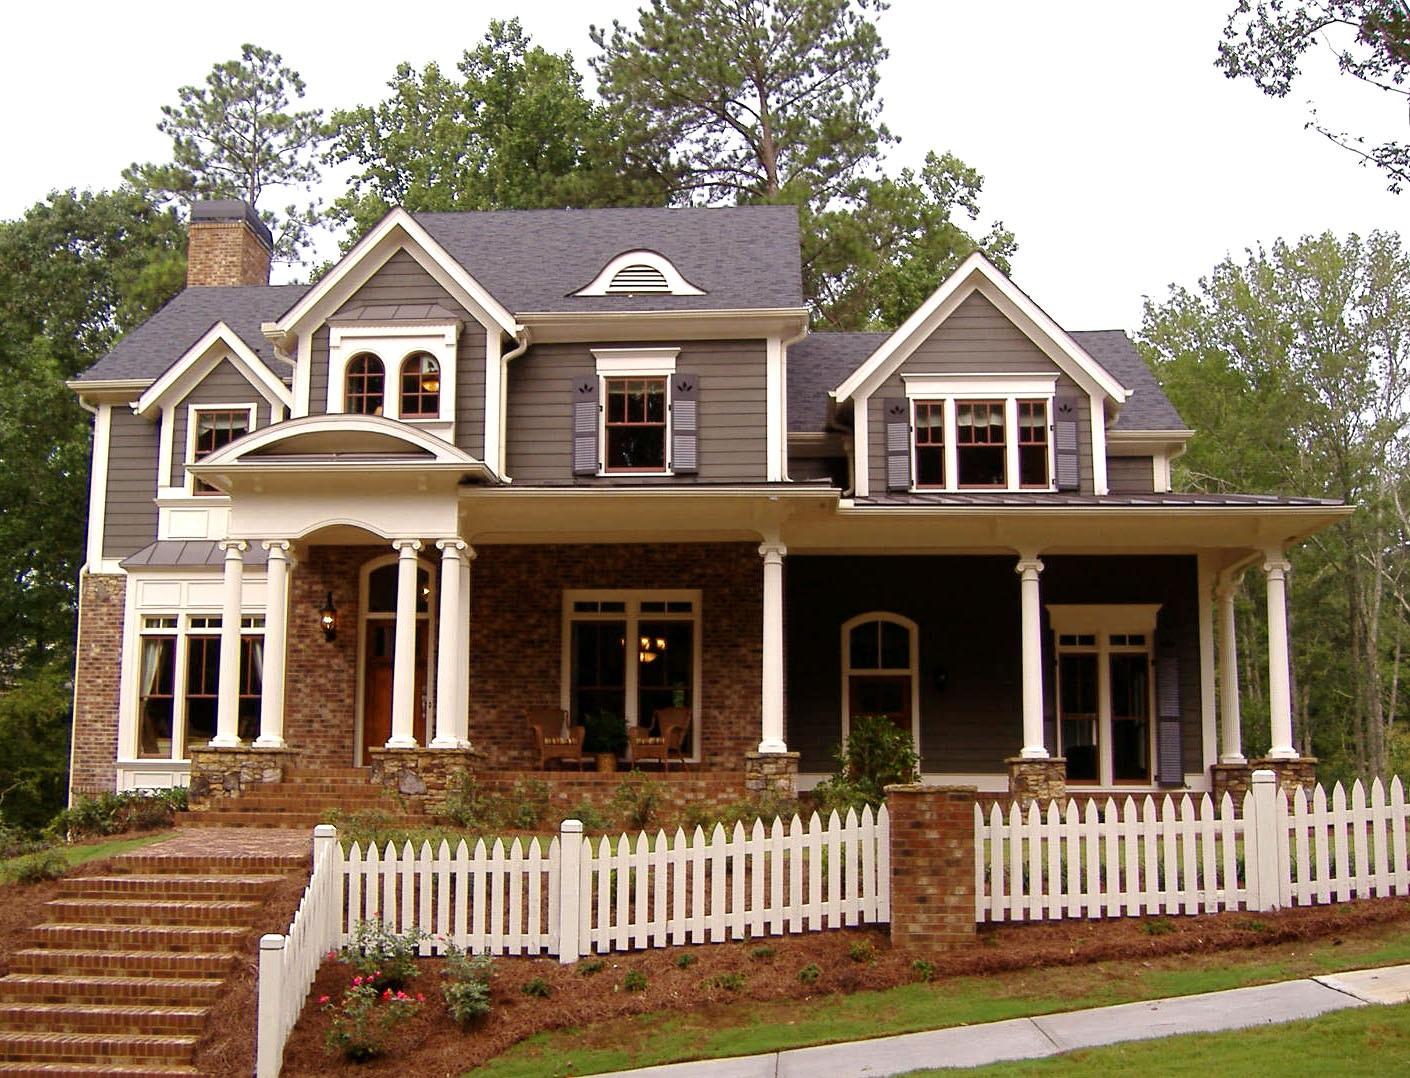 Foto de casa americana de madera y ladrillo visto